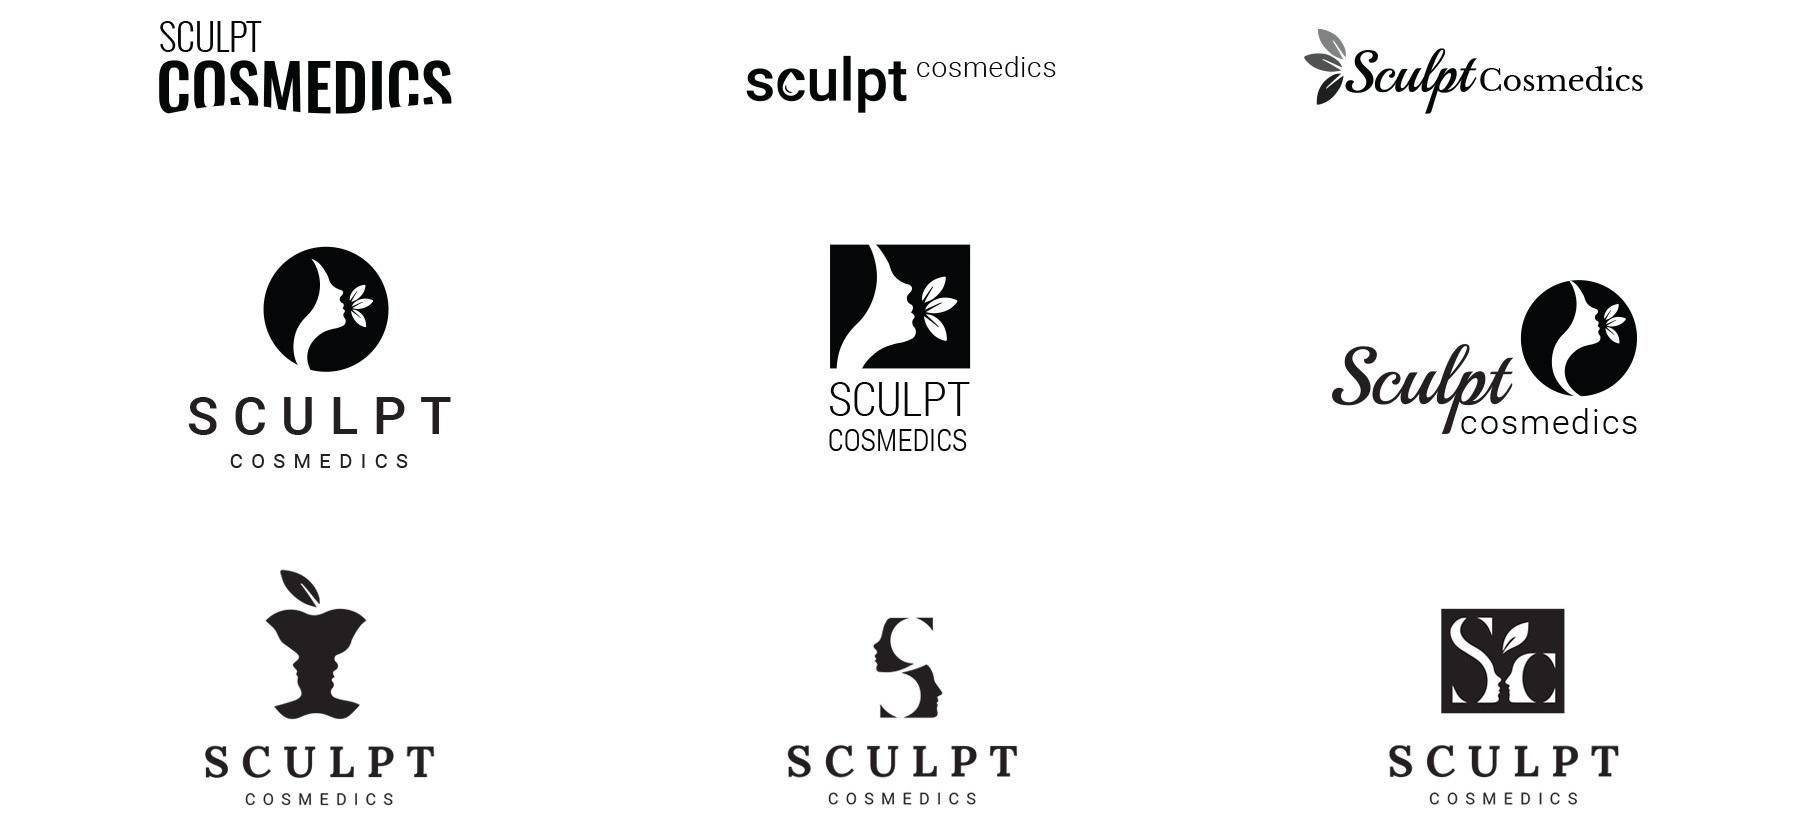 sculpt-brand-campaign-casestudy-assets.jpg